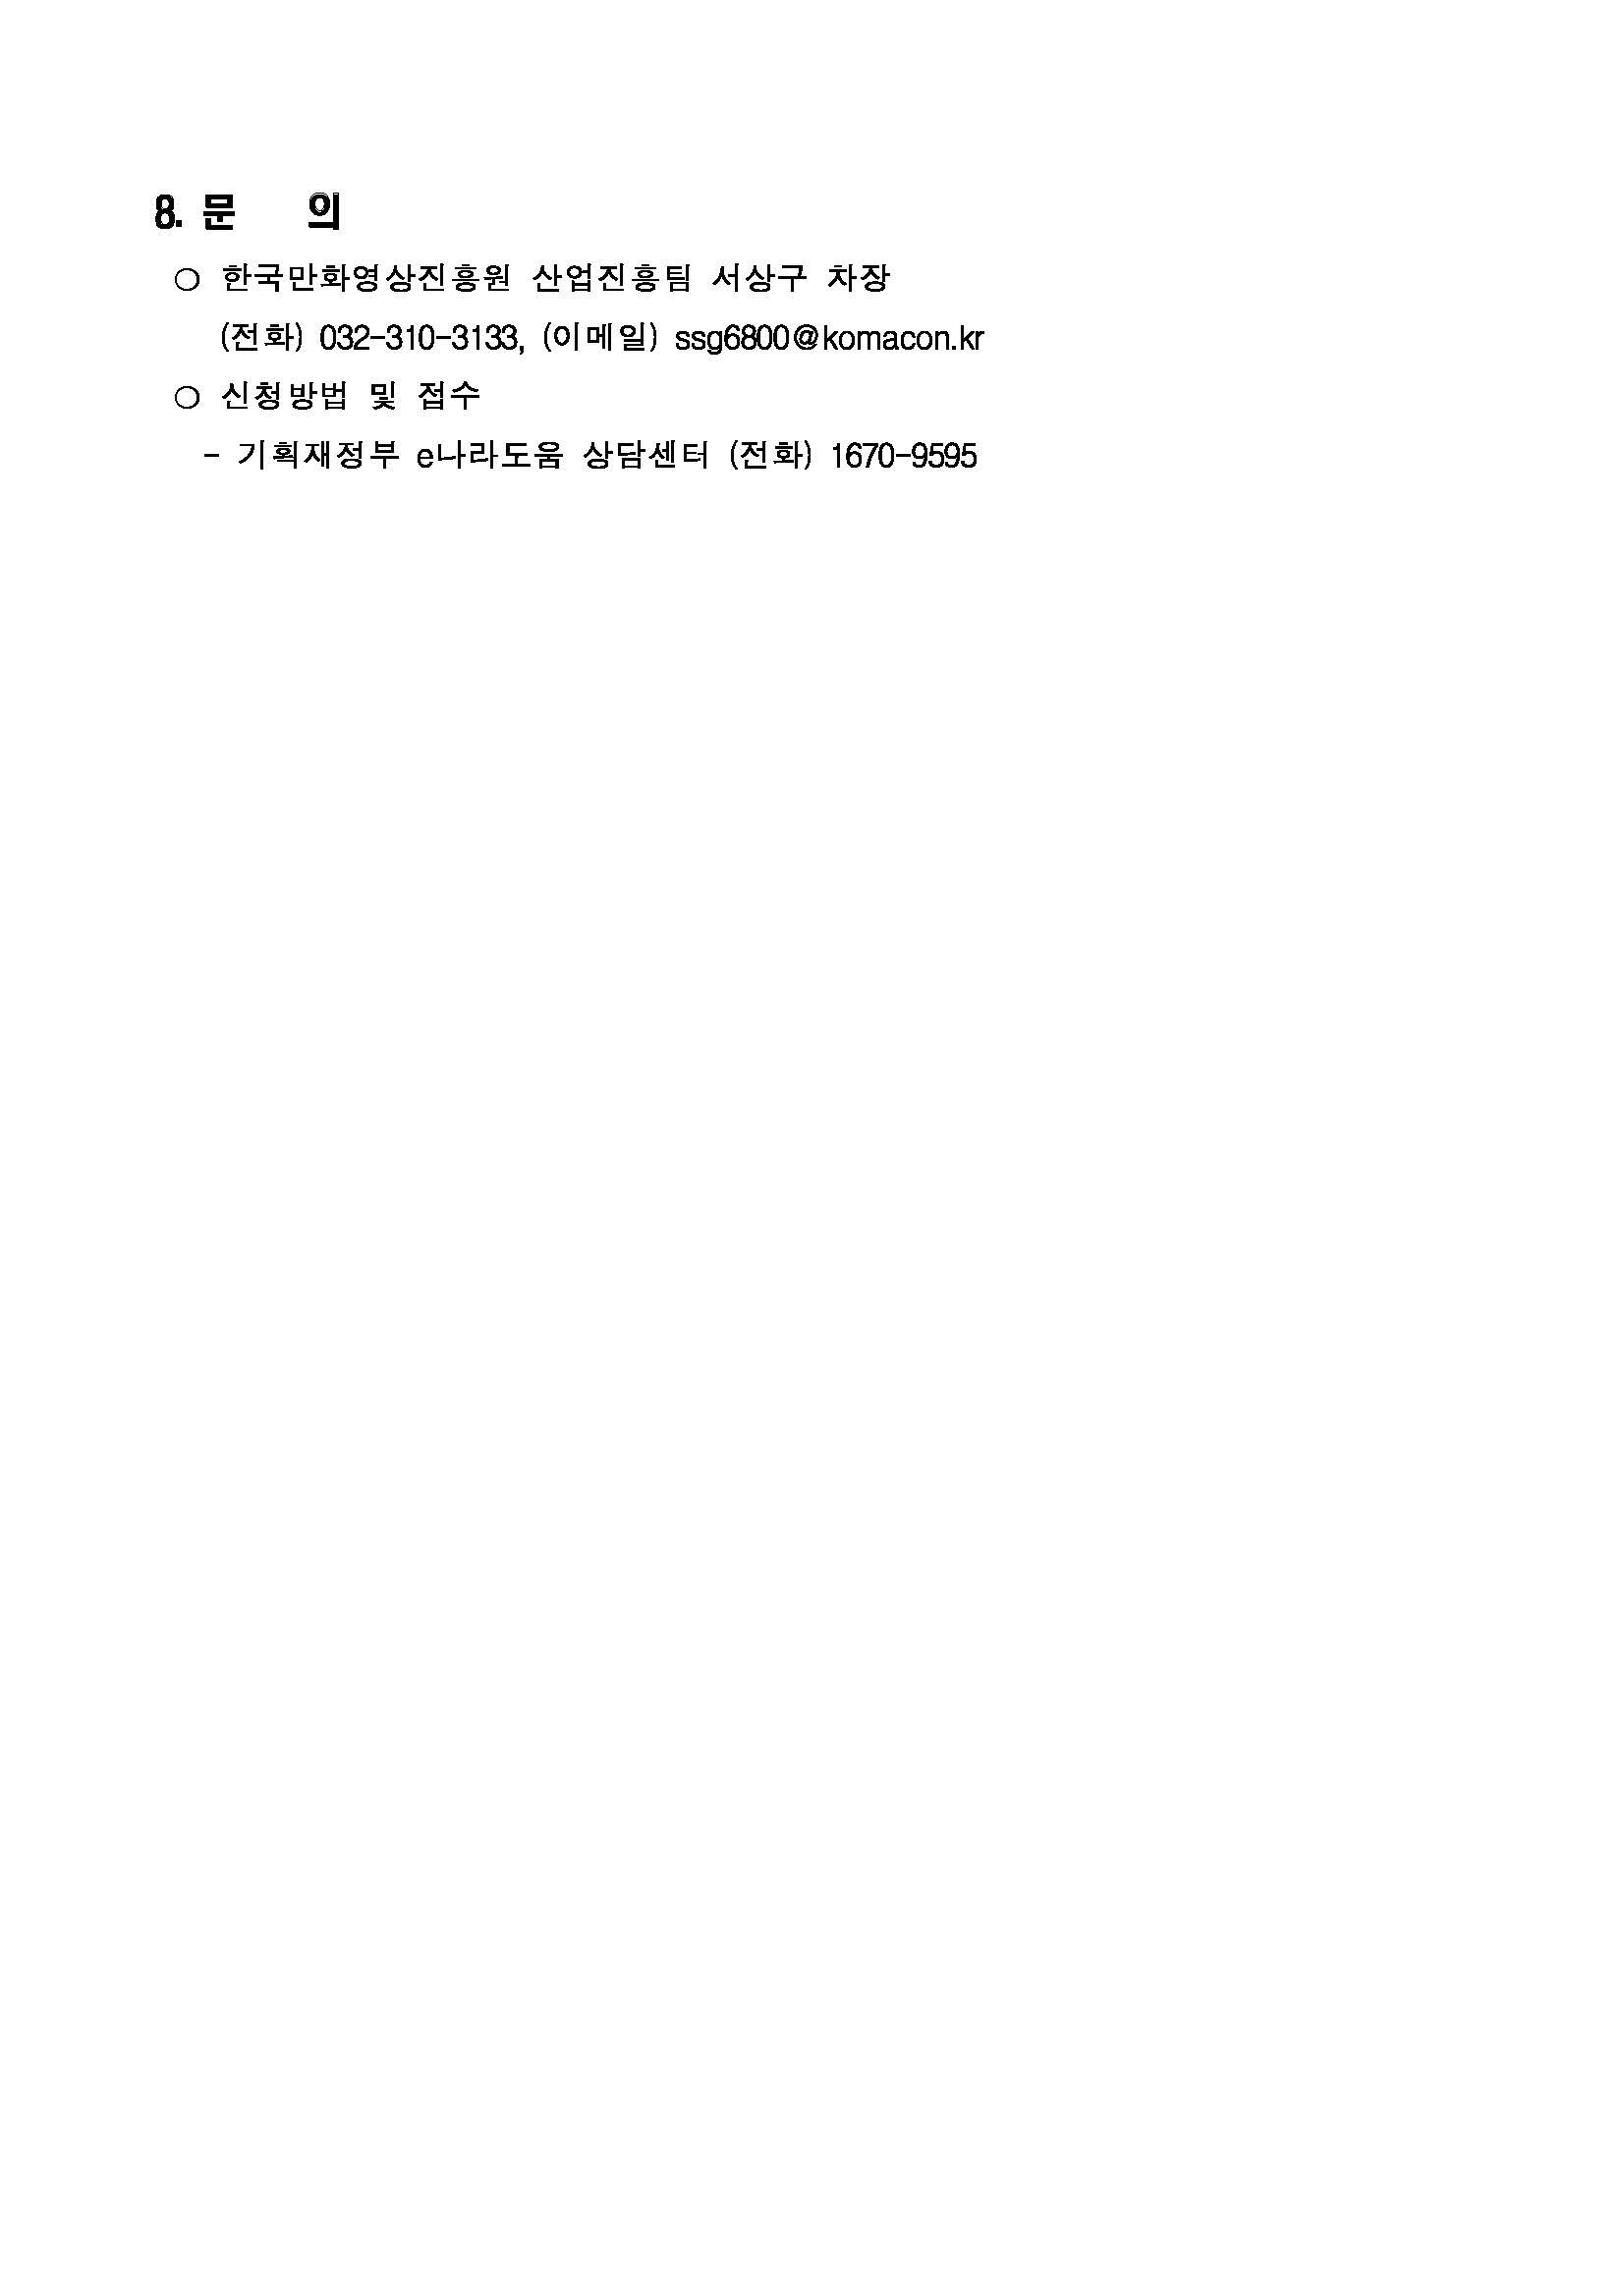 공고문_페이지_4.jpg